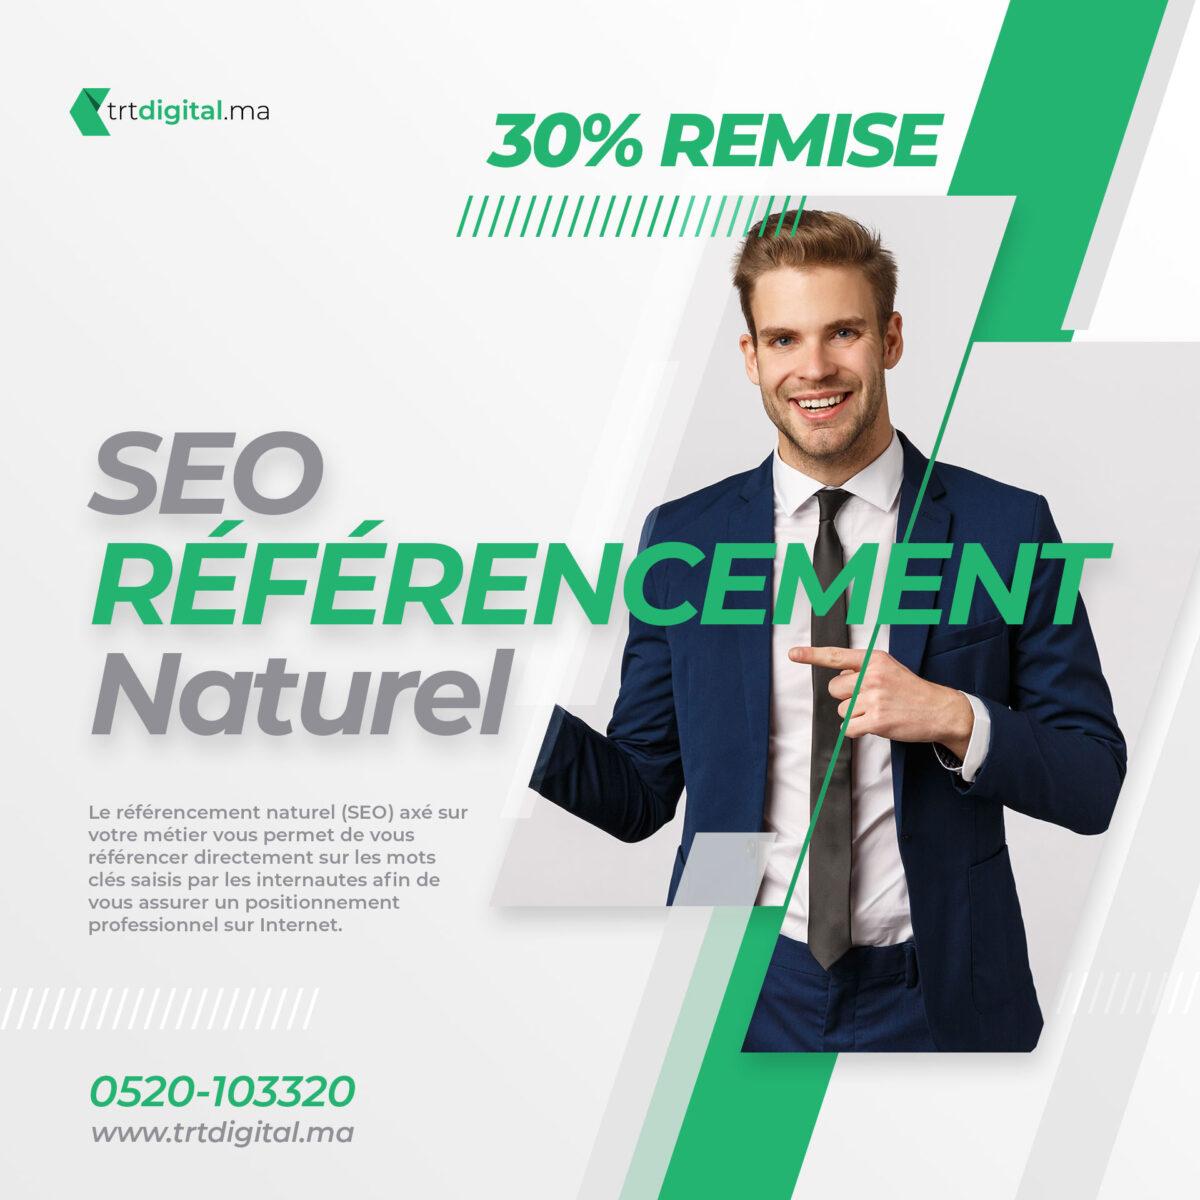 seo referencement naturel trt digital ads 2 1200x1200 - Booster votre visibilité sur Internet